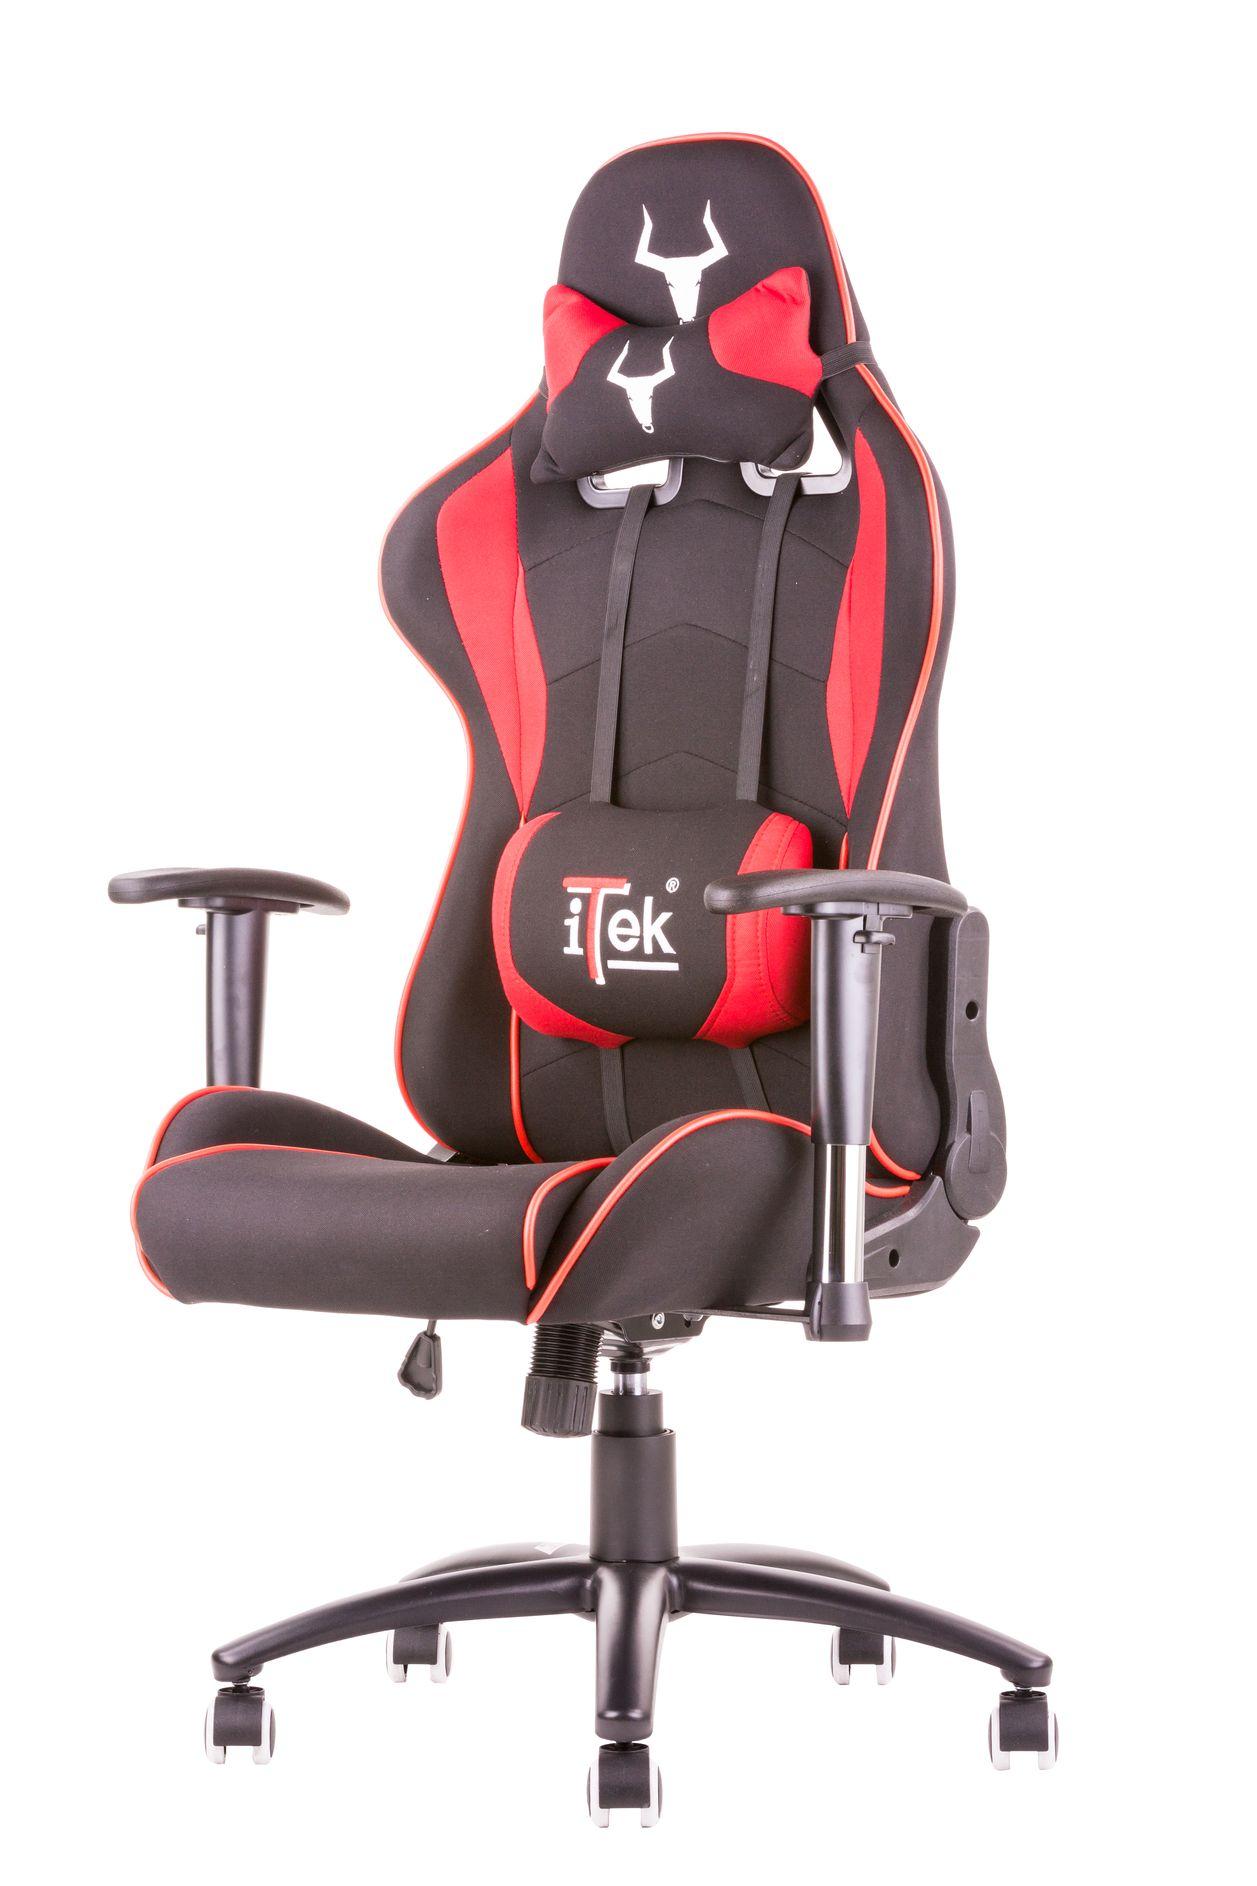 iTek rilancia sulle gaming chairs con le serie Taurus S2 e P3